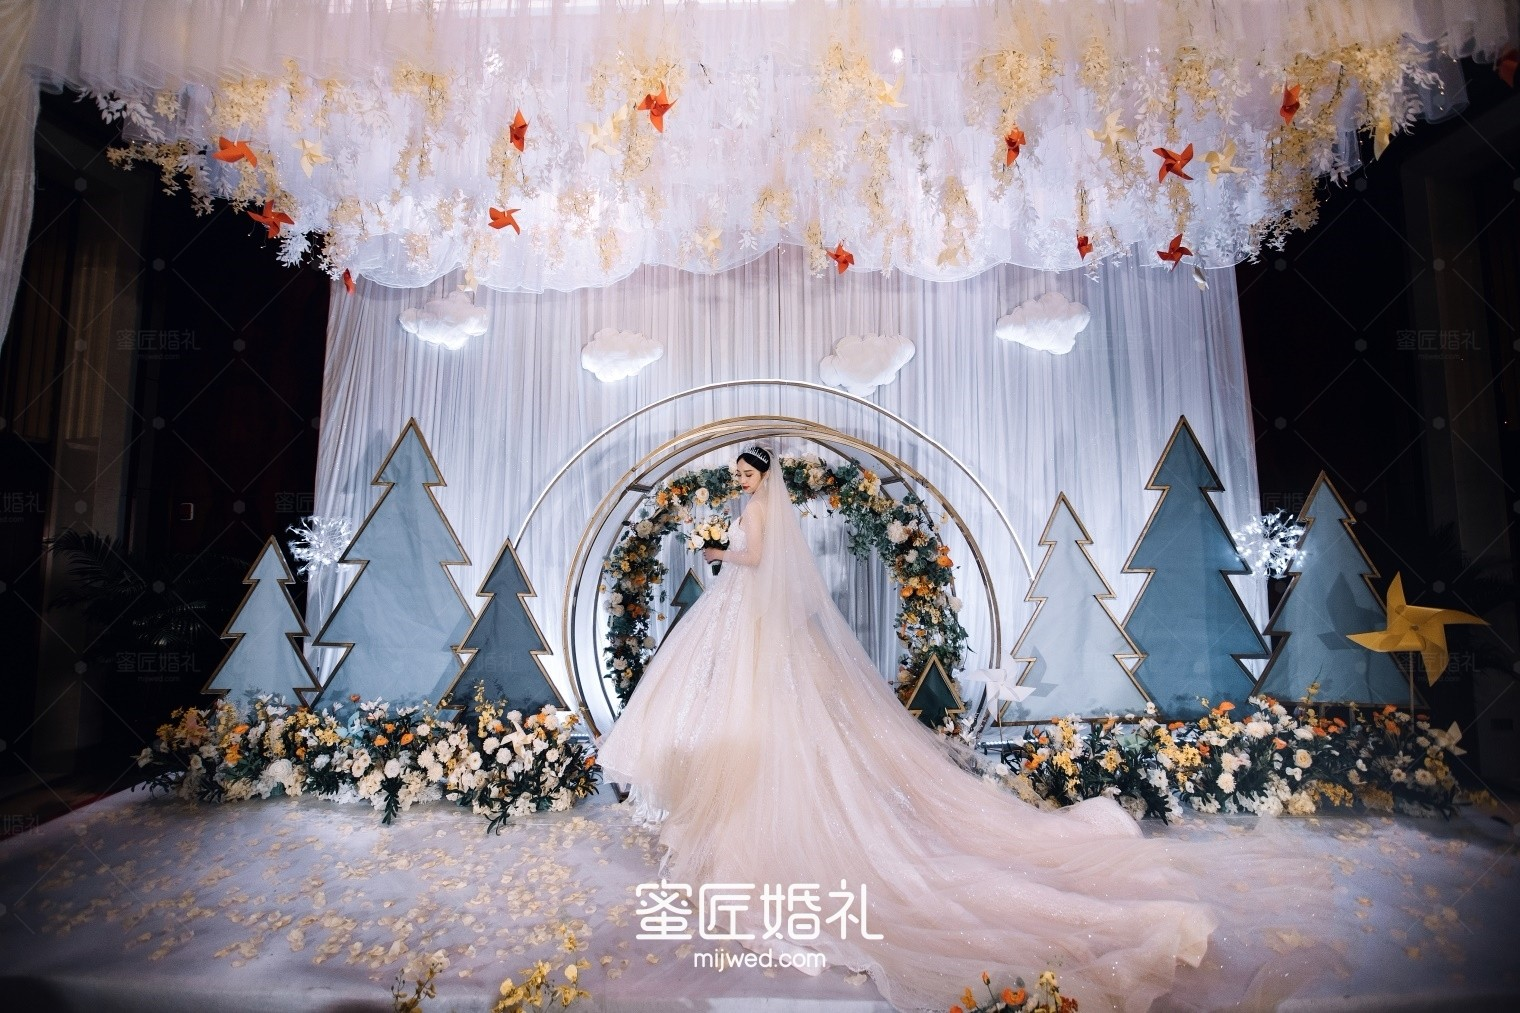 冬季主题婚礼有哪些 冬天适合什么婚礼主题